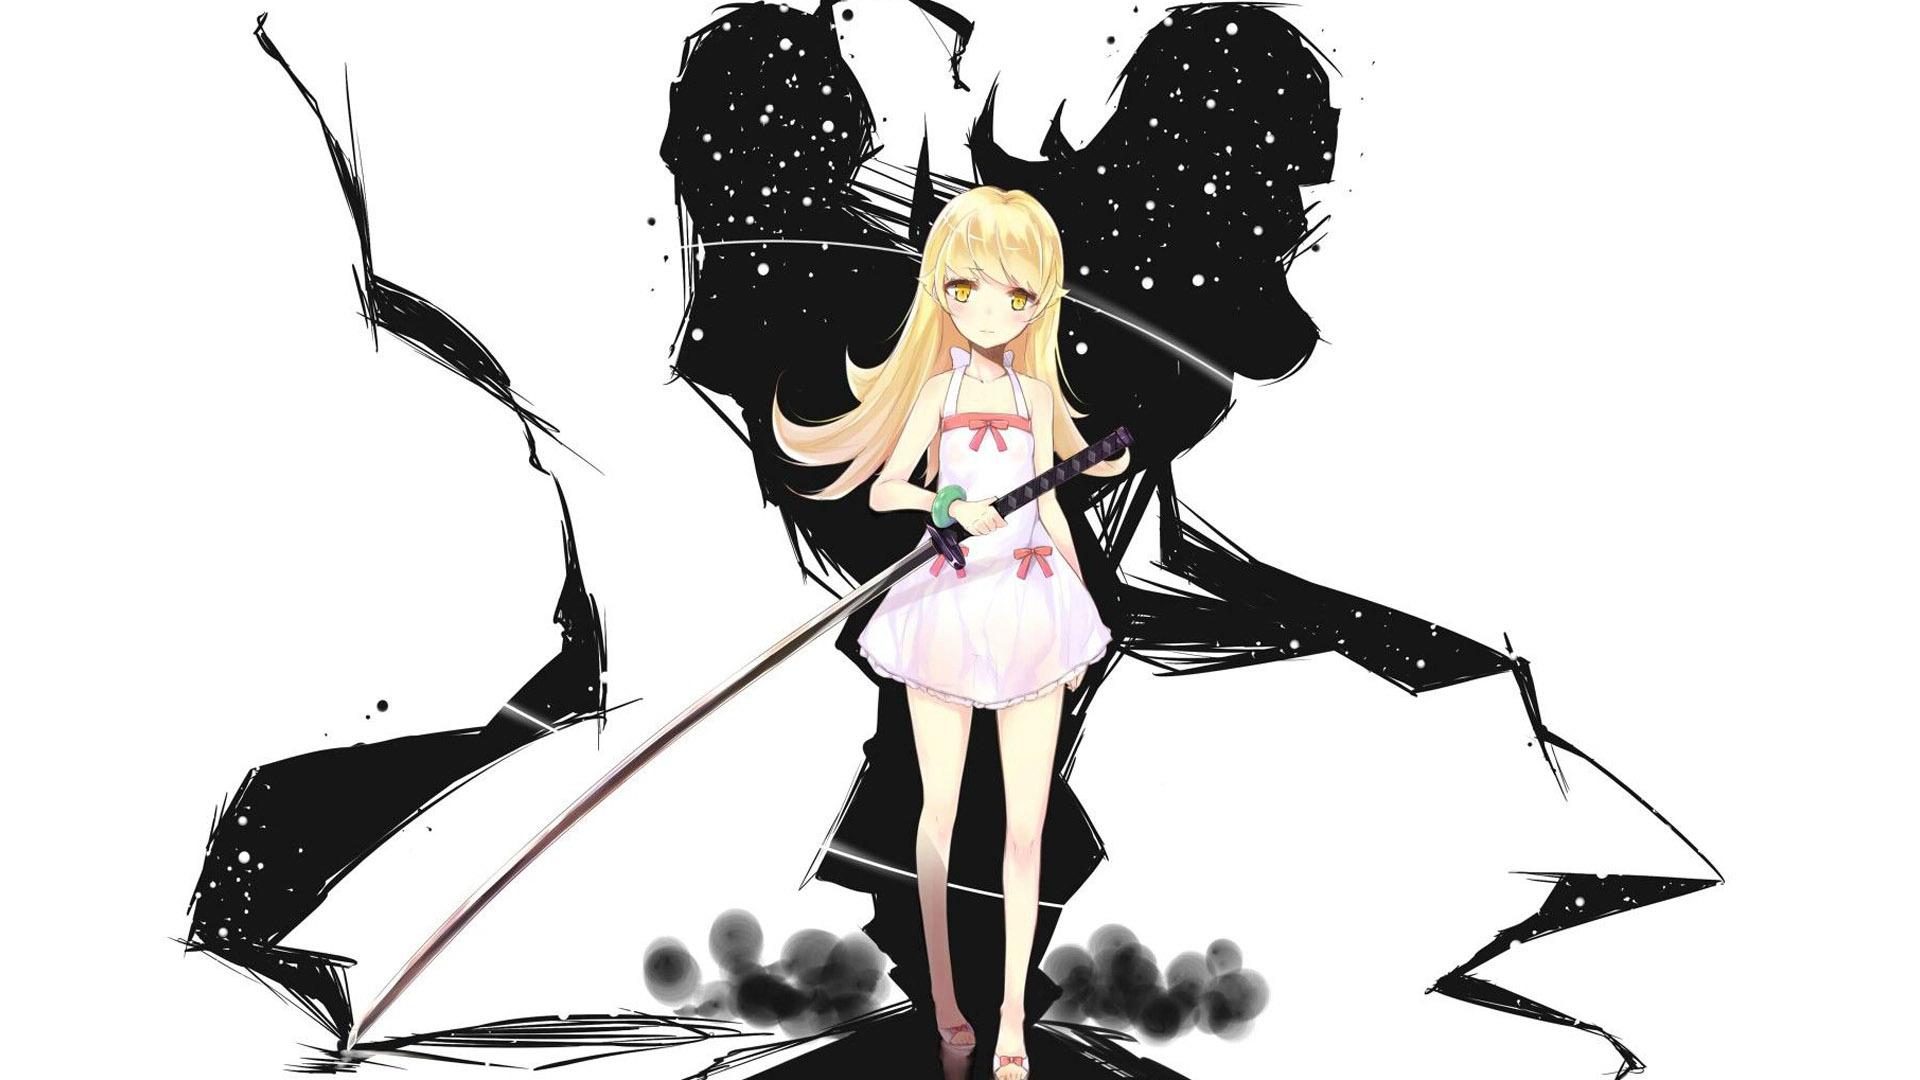 Shinobu Oshino Bakemonogatari Anime Hd Wallpaper 1920x1080 9514